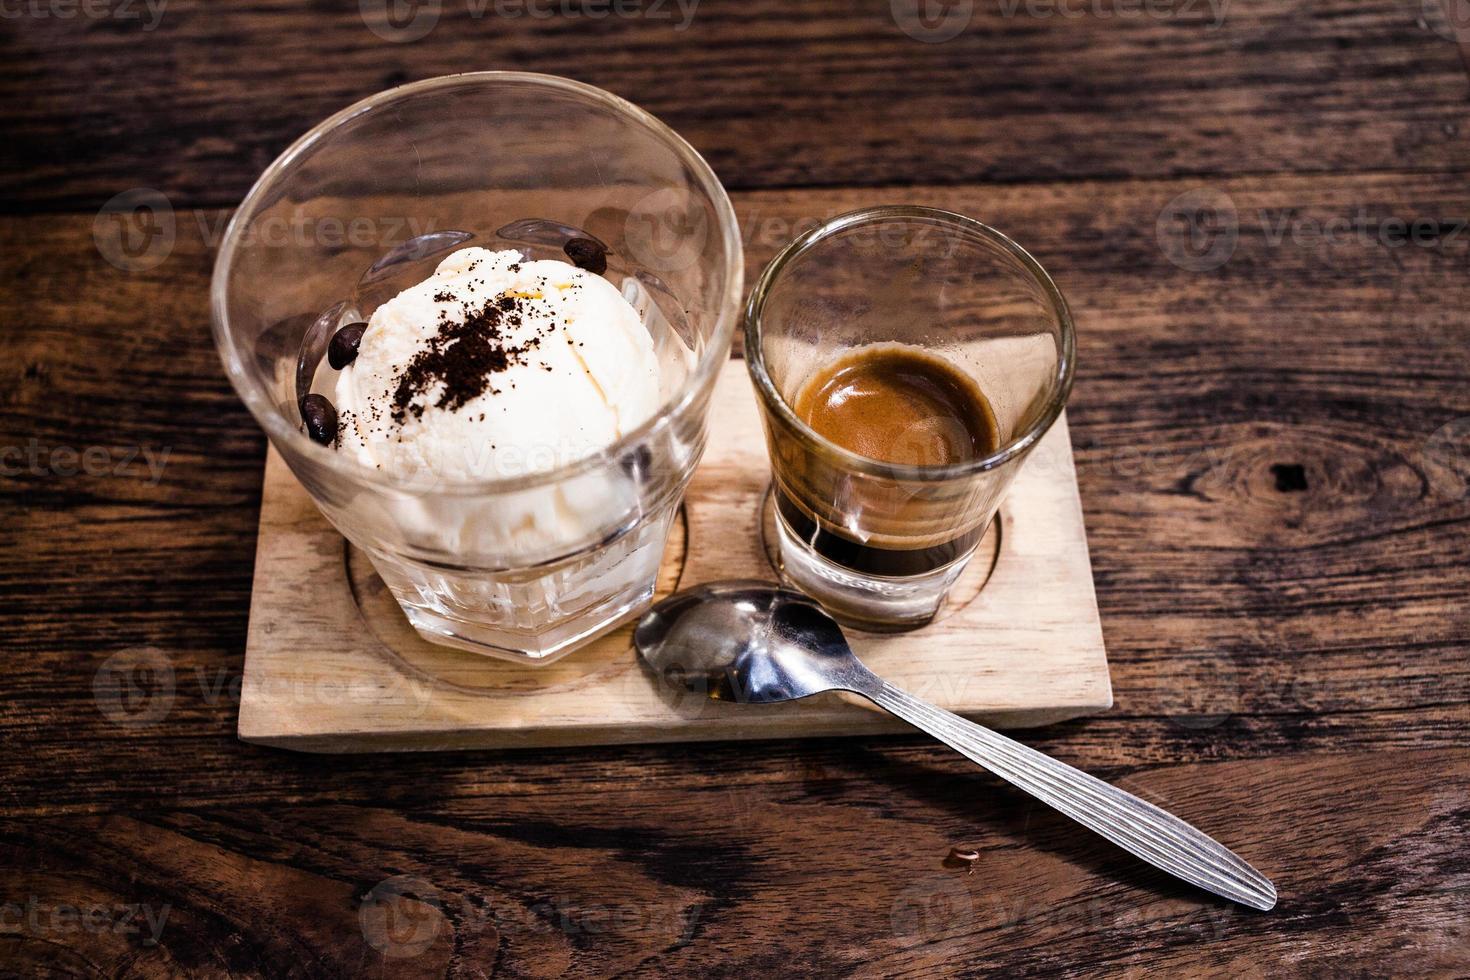 affogato com sorvete e café. foto